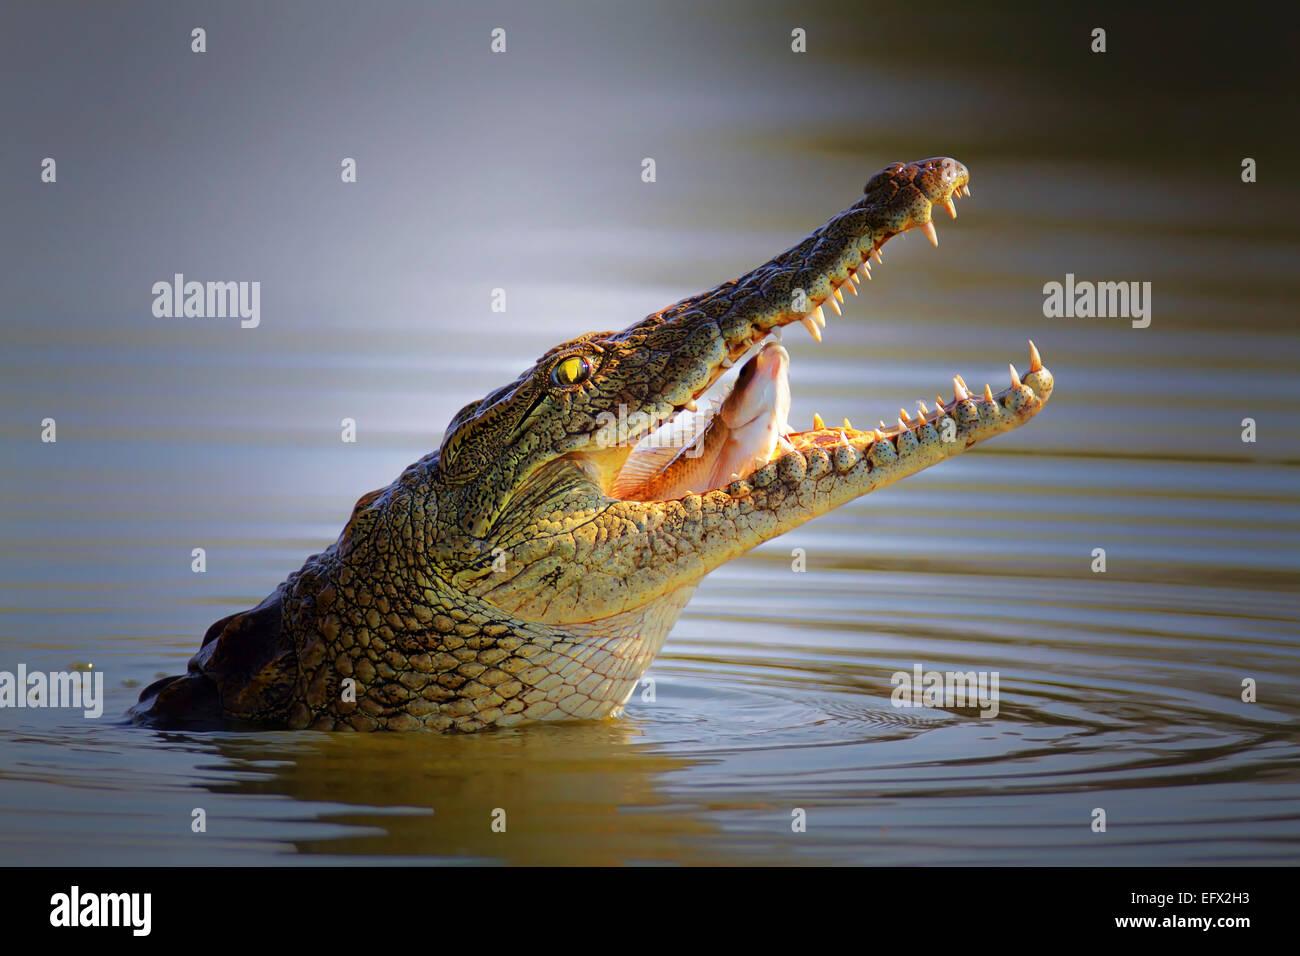 El cocodrilo del Nilo para tragar un pez; Crocodylus niloticus - Parque Nacional Kruger Imagen De Stock